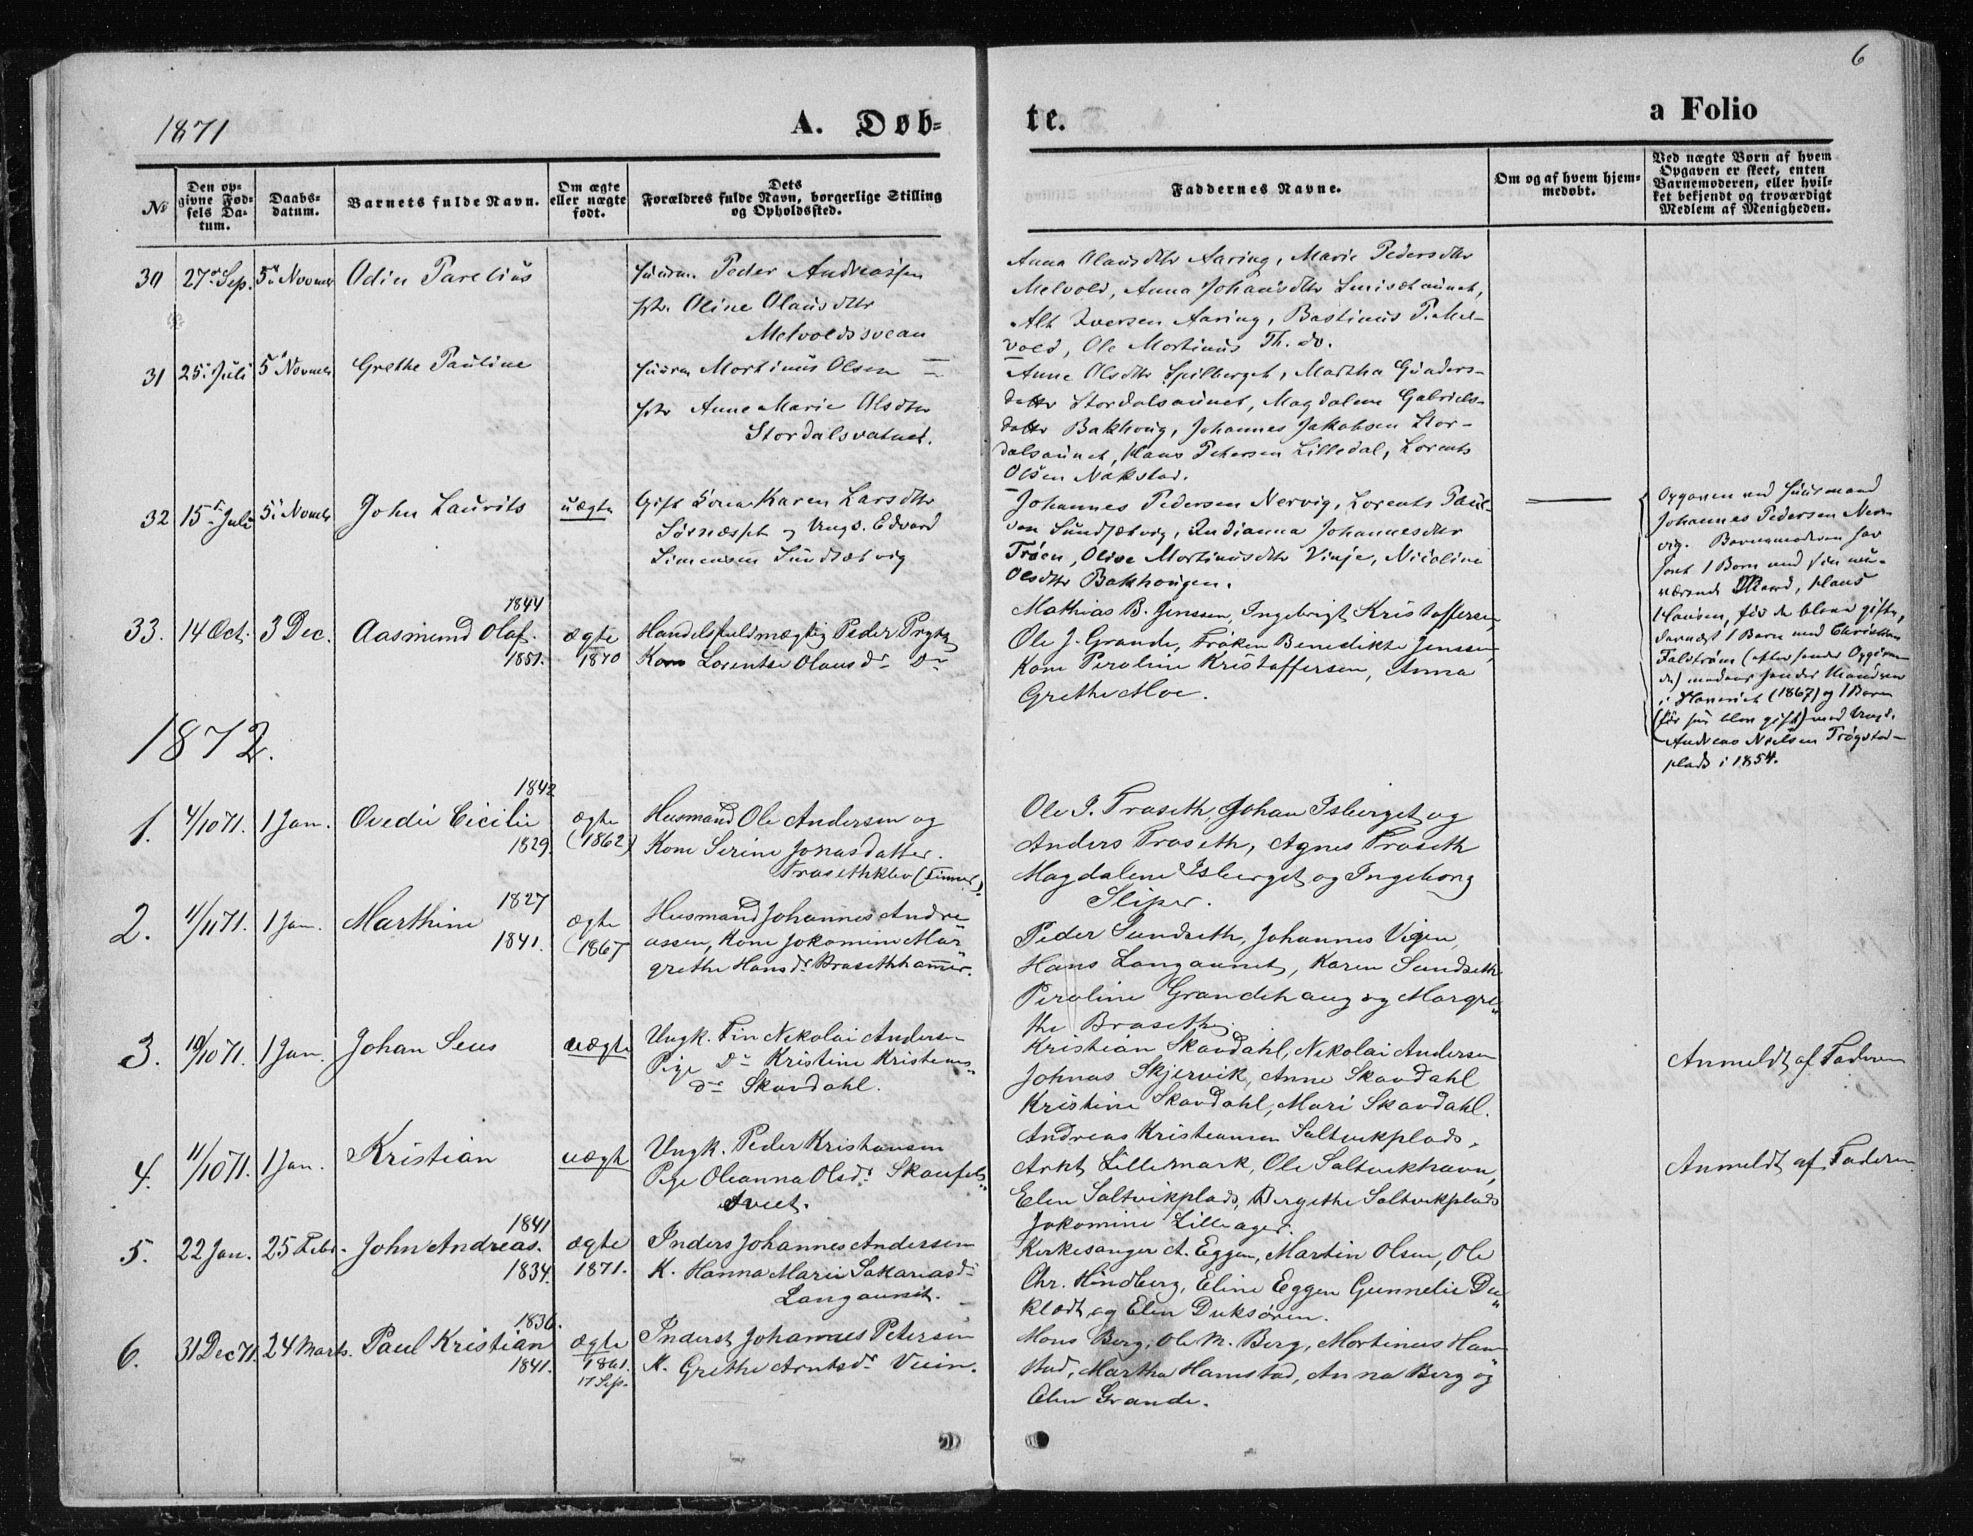 SAT, Ministerialprotokoller, klokkerbøker og fødselsregistre - Nord-Trøndelag, 733/L0324: Ministerialbok nr. 733A03, 1870-1883, s. 6